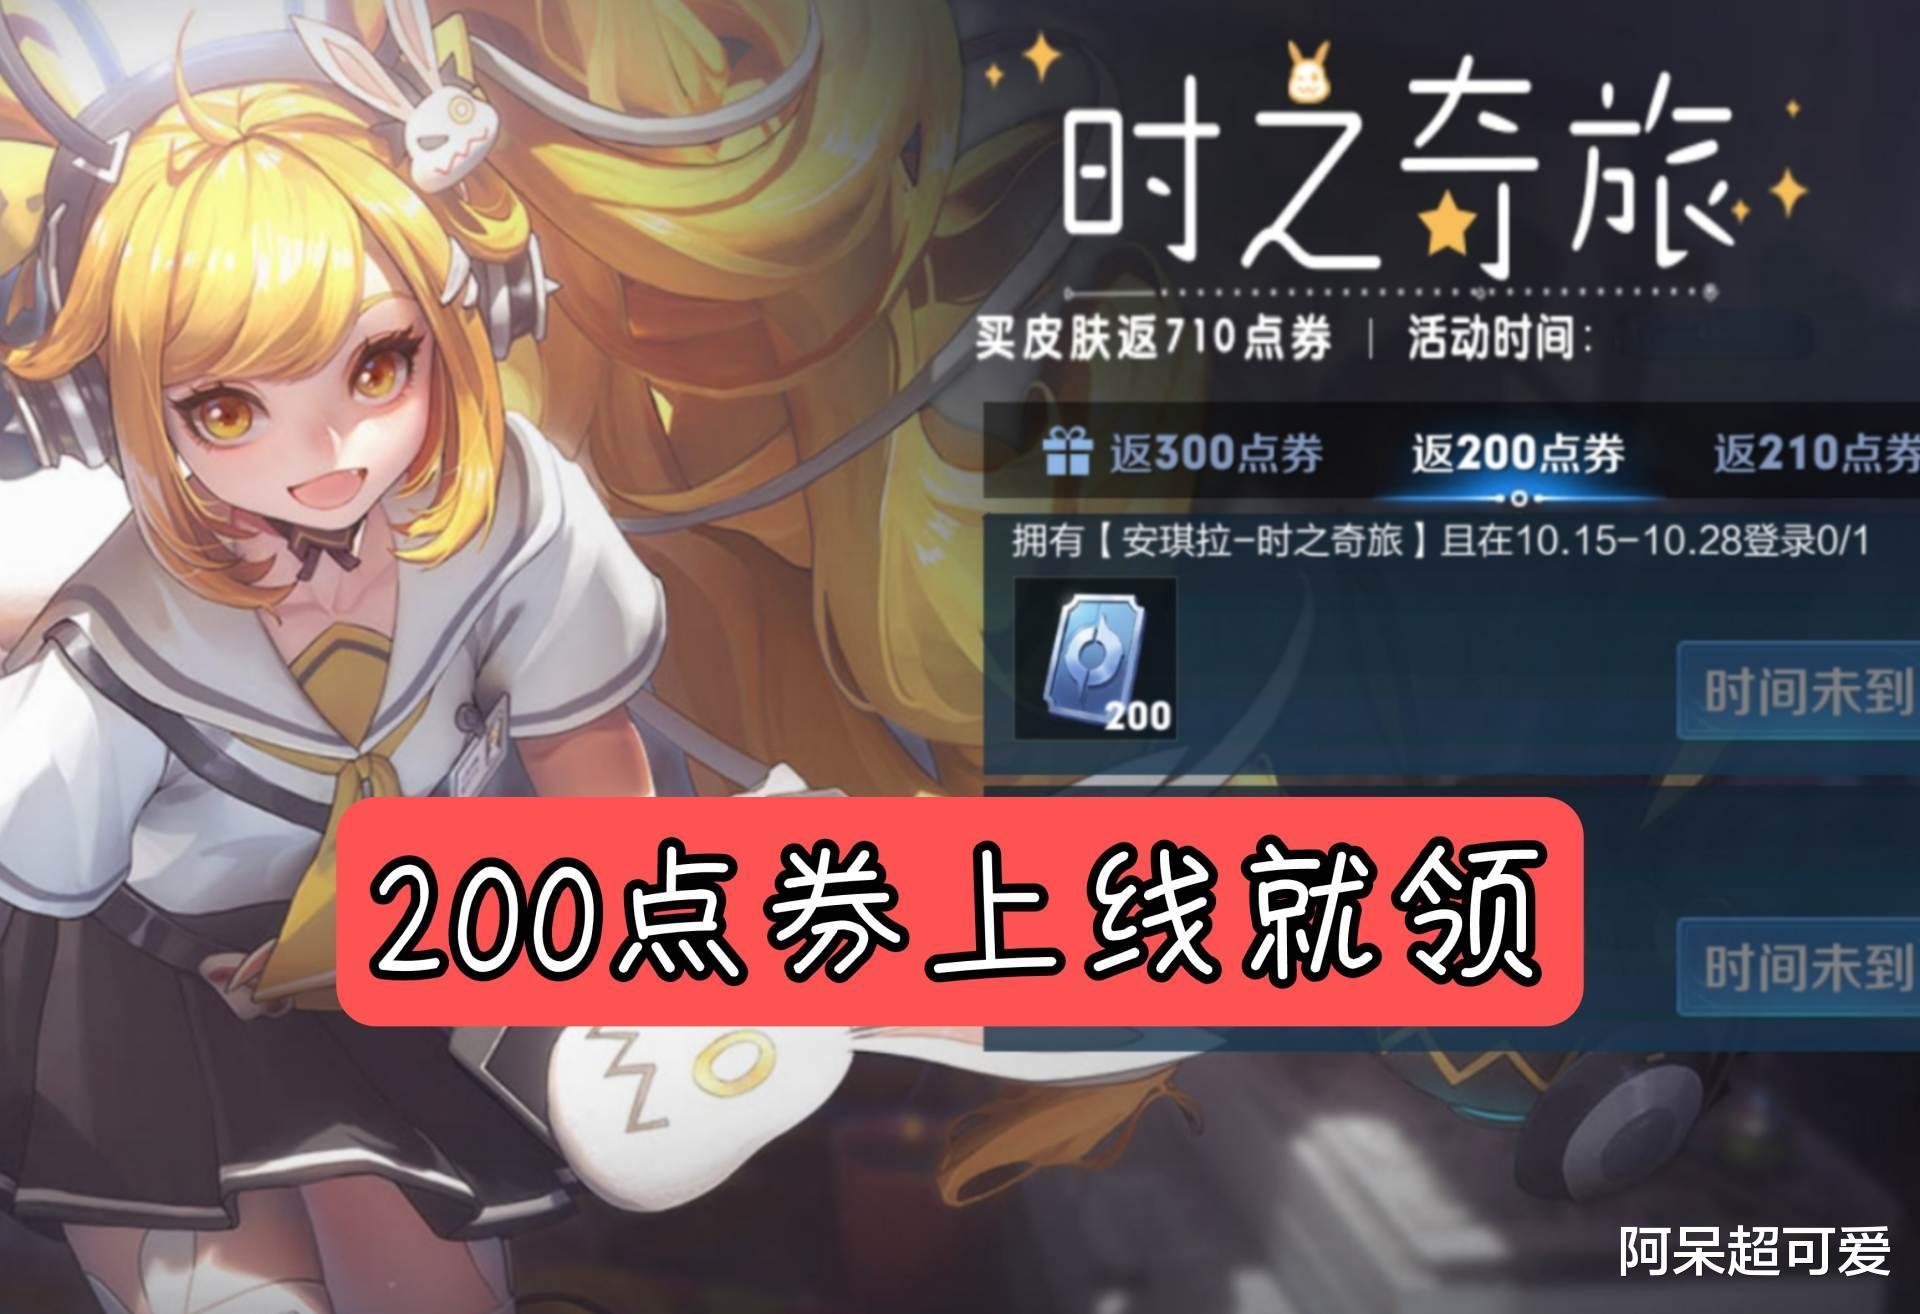 《【煜星娱乐手机版登录】王者三重福利上线,有安琪拉新皮肤的赚了,领取的200点券别乱用》